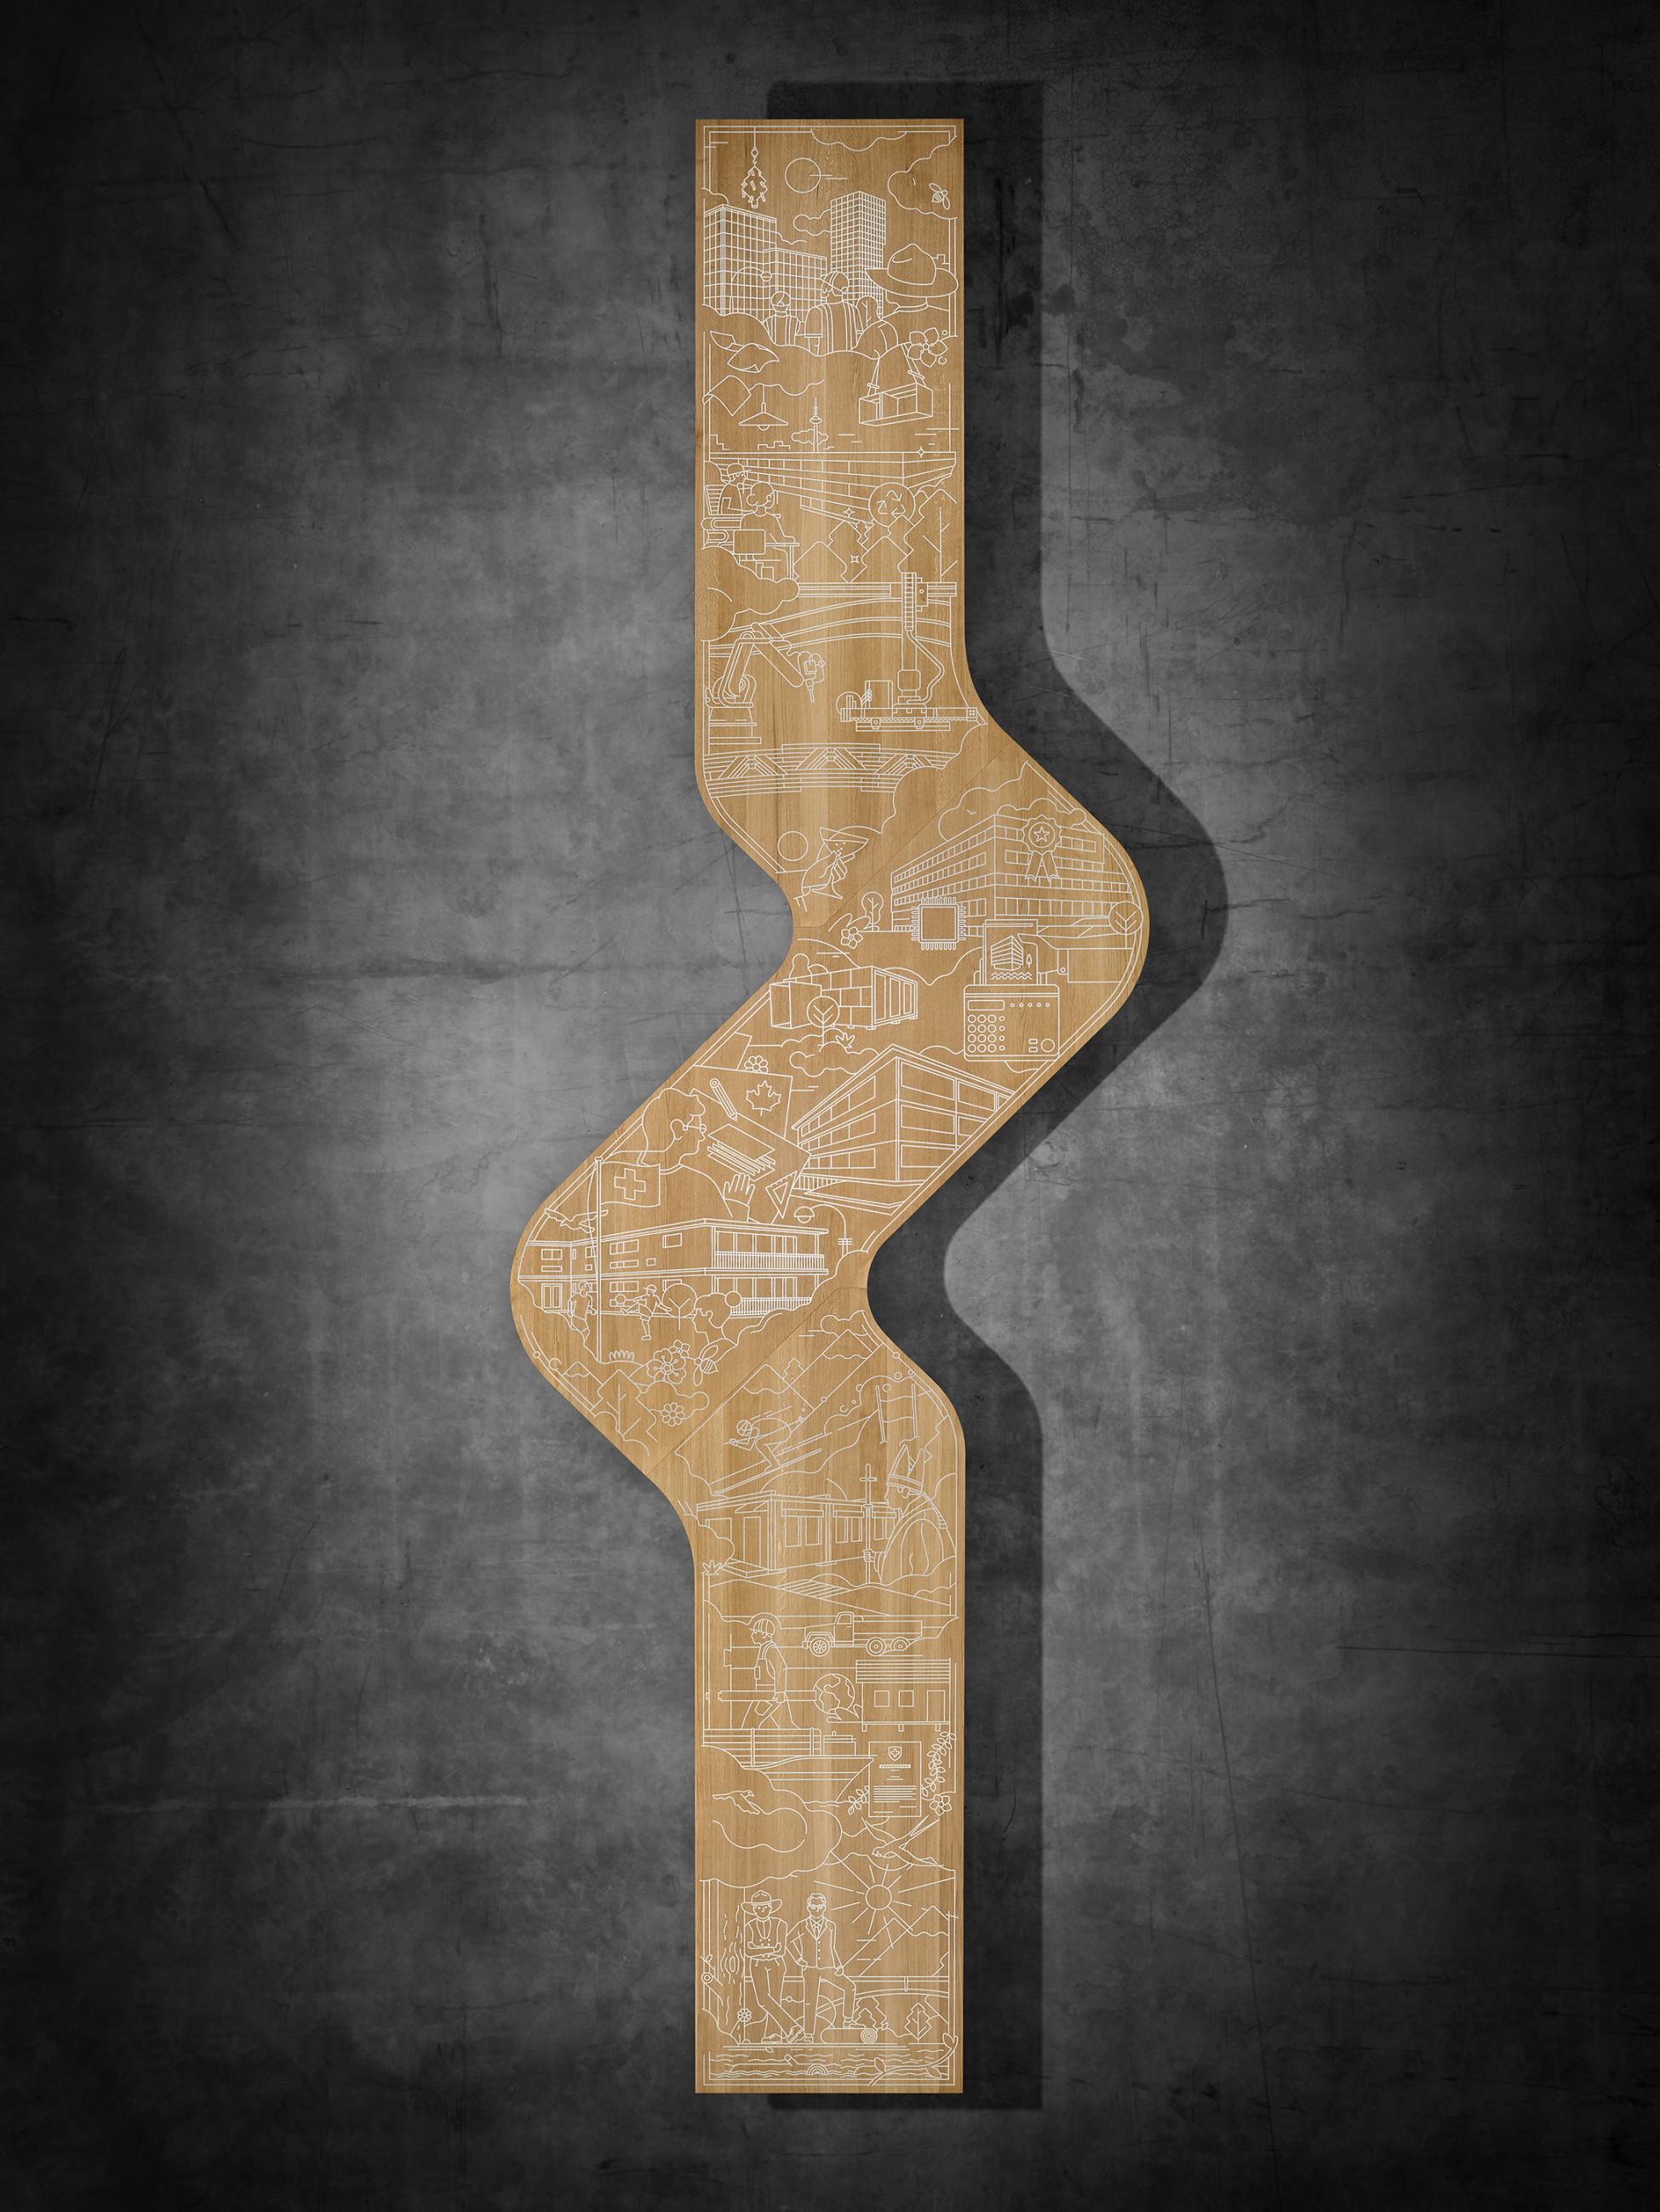 Oberfläche eines langen geschwungenen Holztisches mit eingravierter Firmengeschichte in Zinnguss